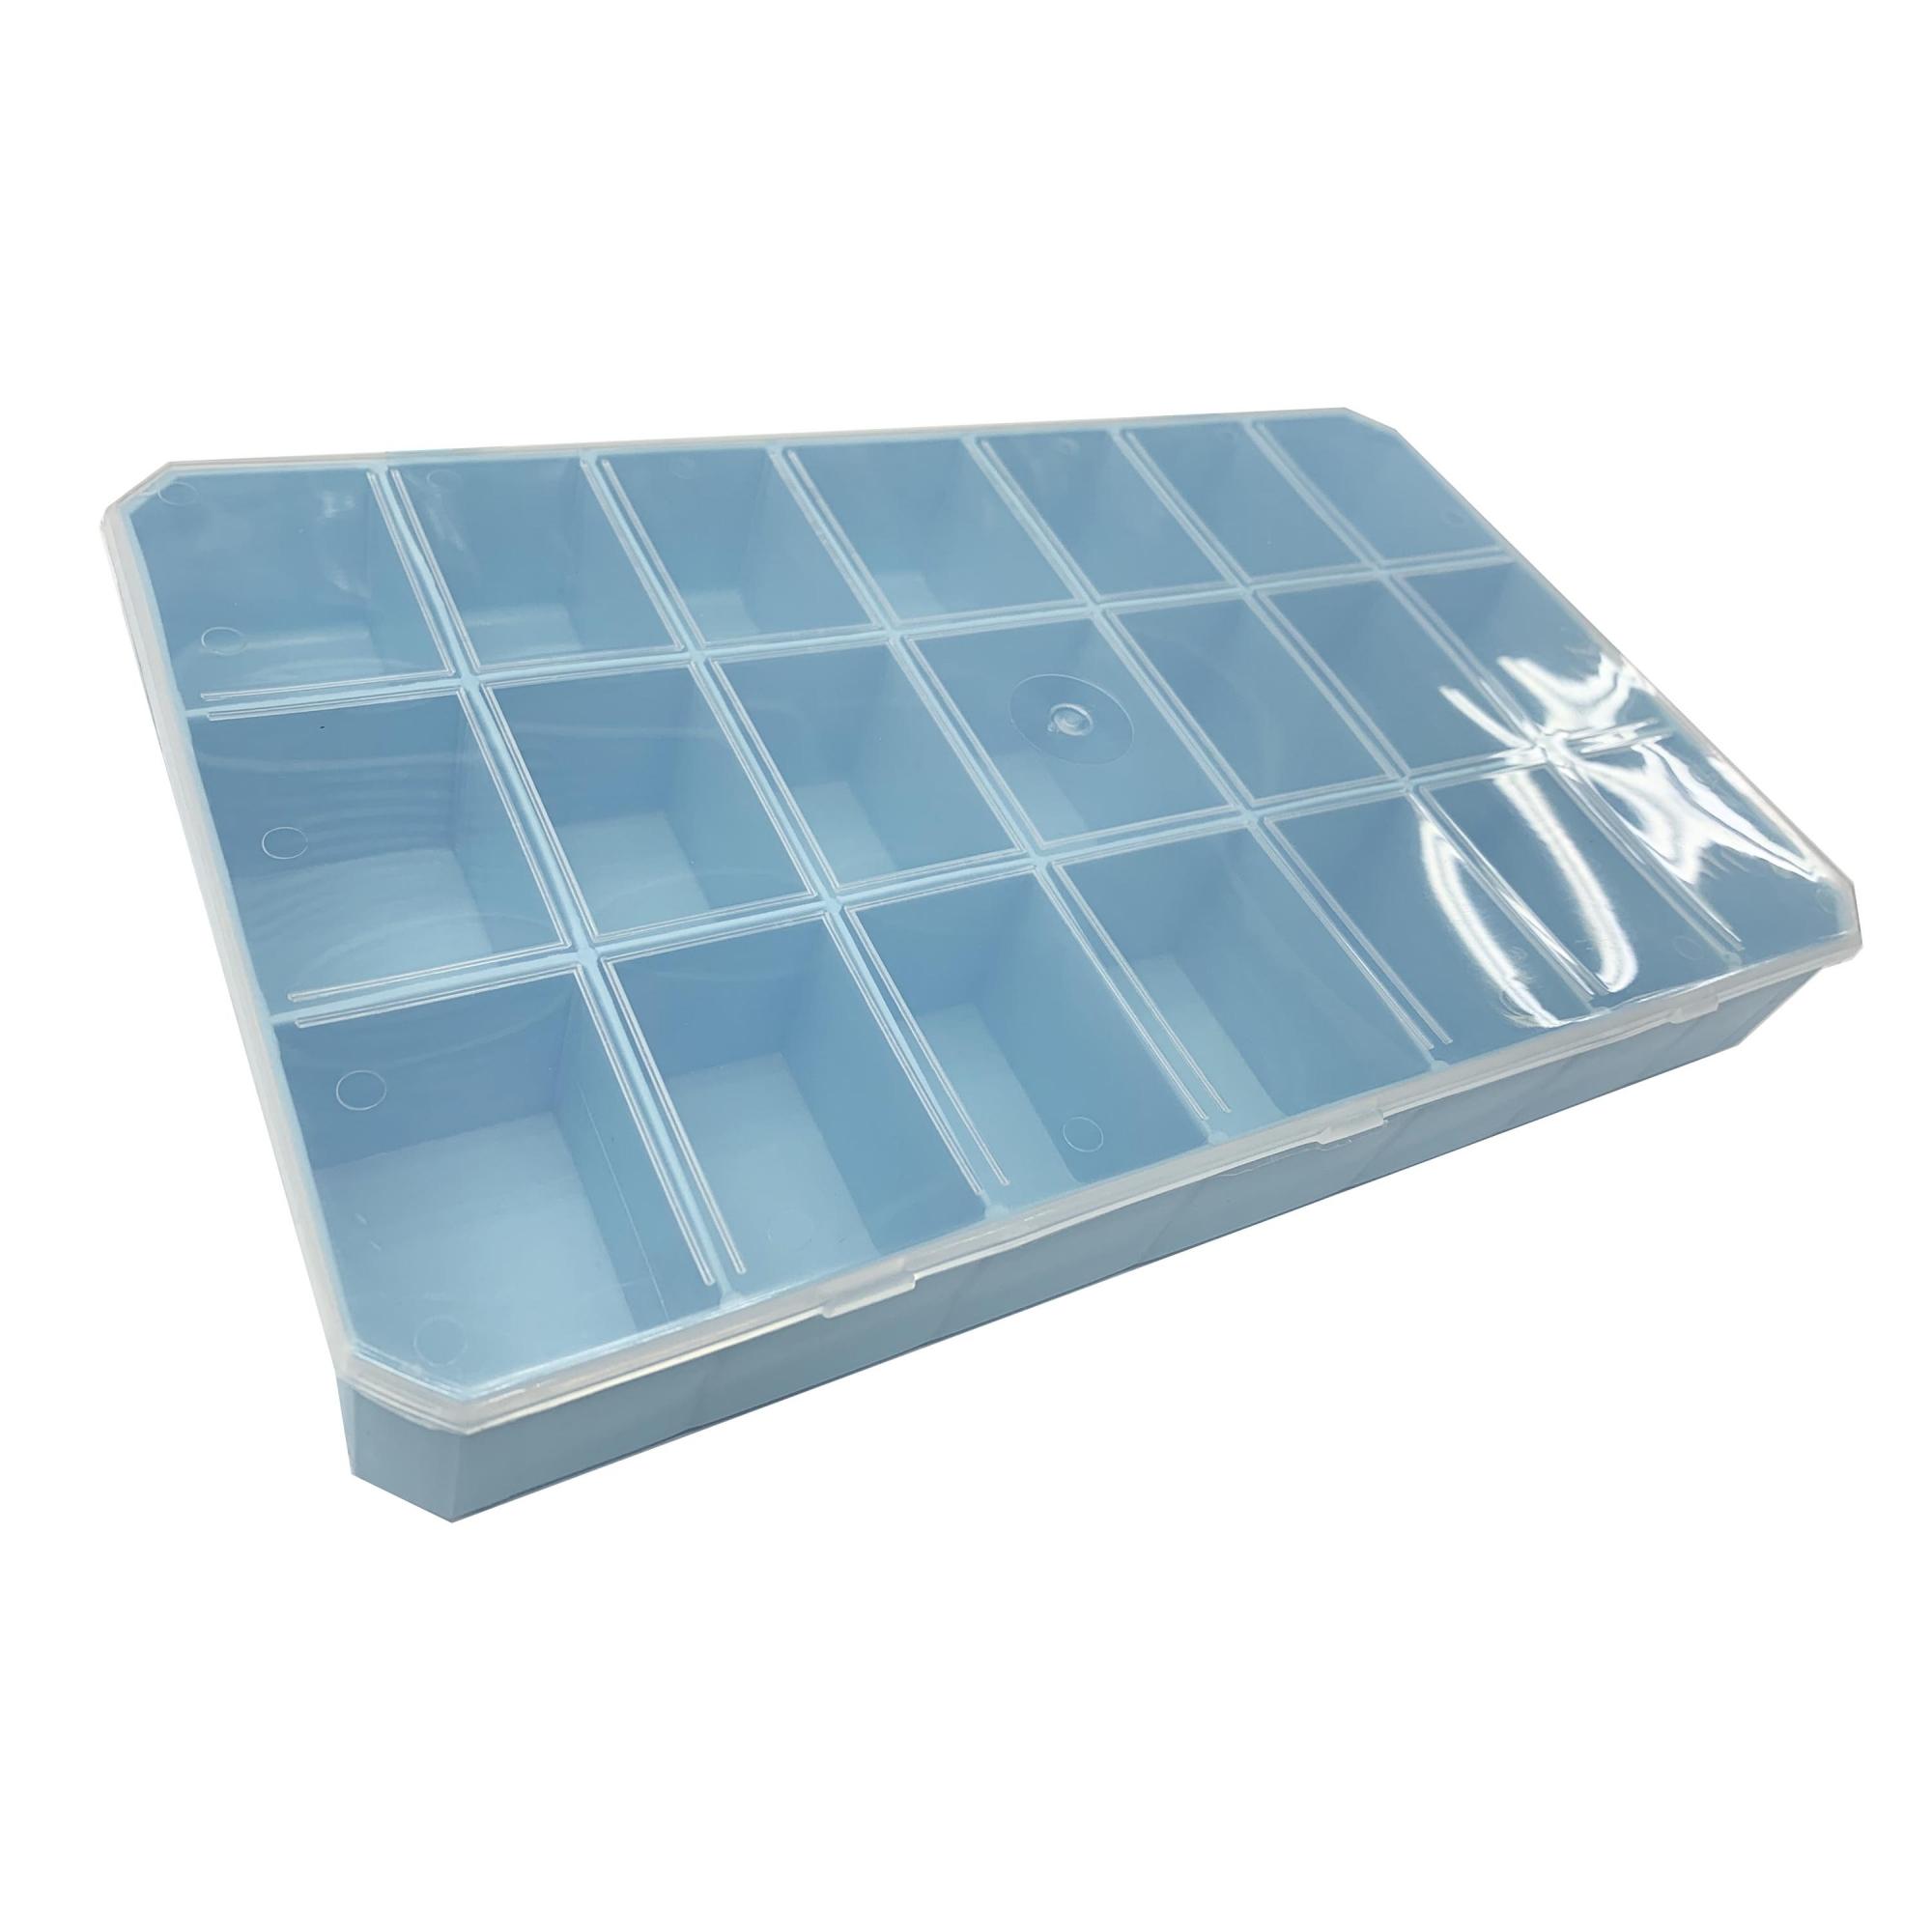 Caixa Organizadora - Transparente e Azul Clara  - Stéphanie Bijoux® - Peças para Bijuterias e Artesanato